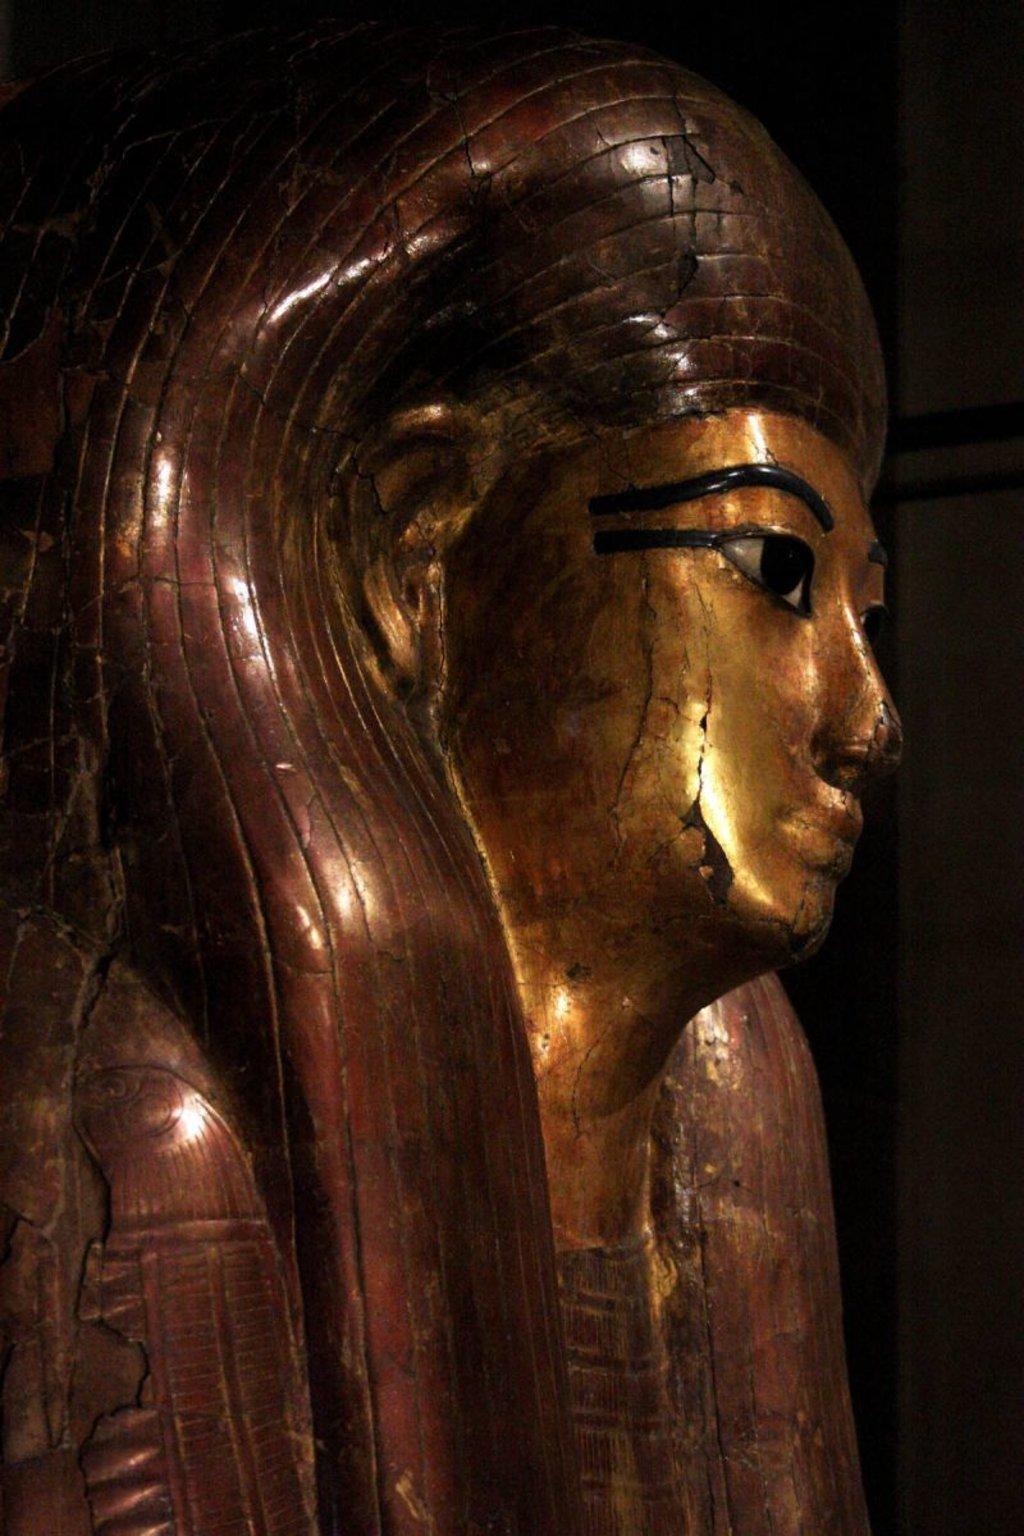 Il sarcofago interno di Kha, dettaglio - foto dell'autrice - https://www.flickr.com/photos/155545126@N07/36765958942/in/album-72157688373828955/